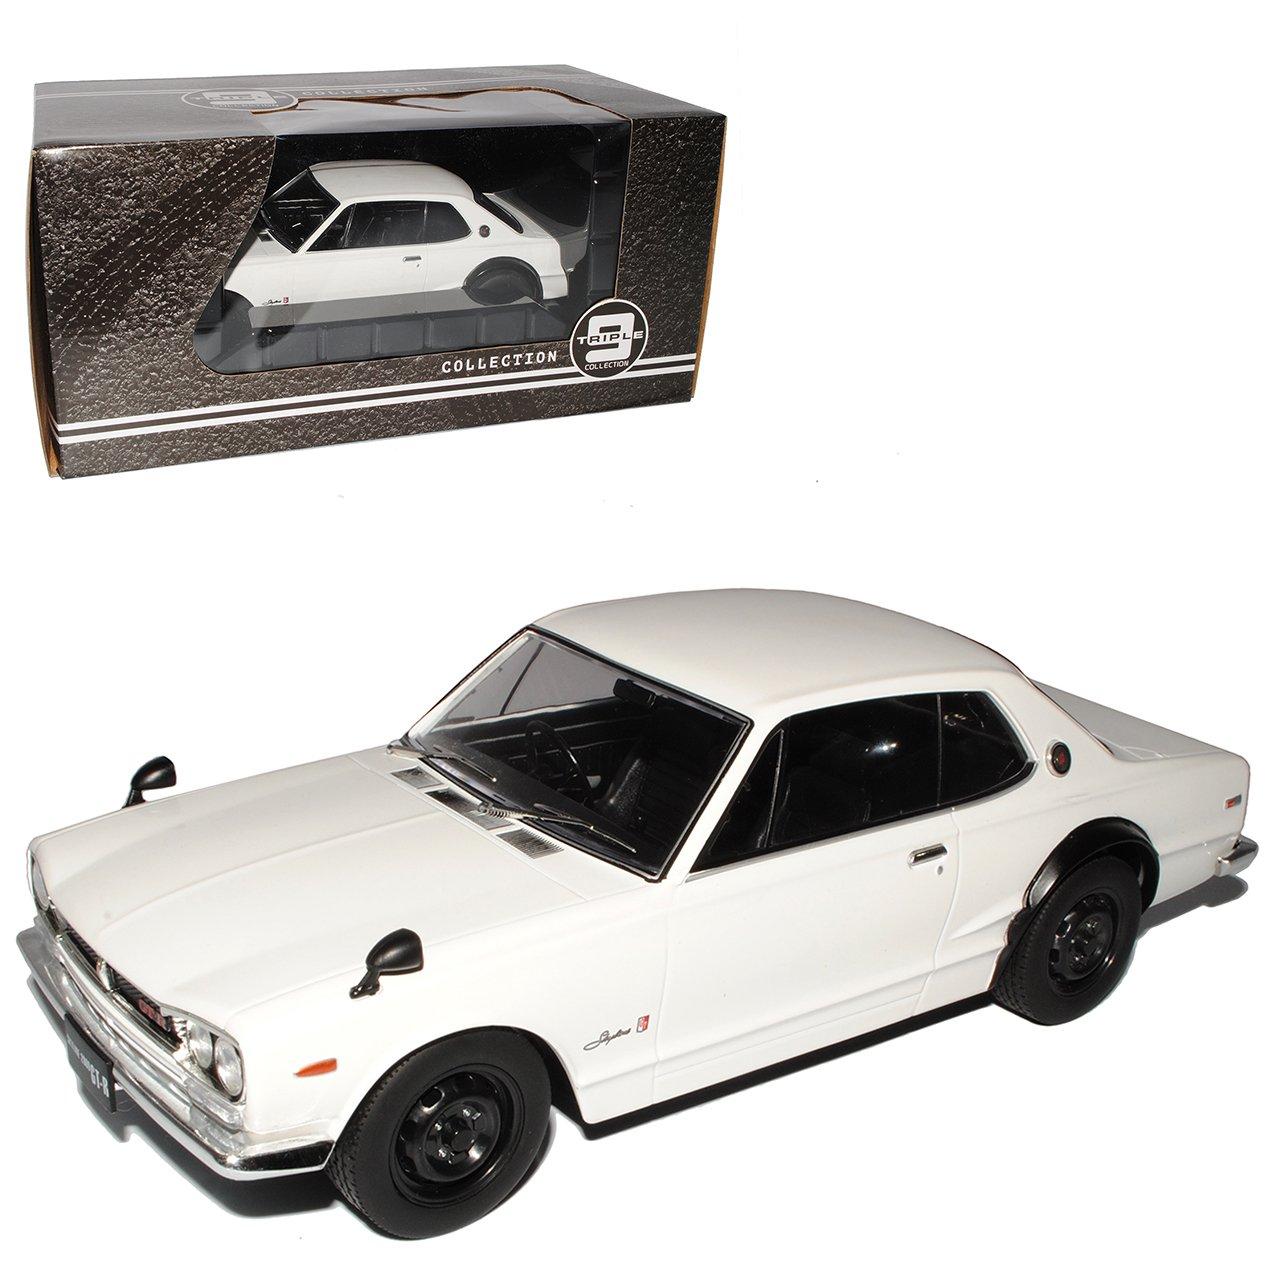 PremiumX C10 Nissan Skyline Typ C10 PremiumX GT-R KPGC10 Coupe Weiss 1968-1972 Triple 9 1/18 Modell Auto 04f70f